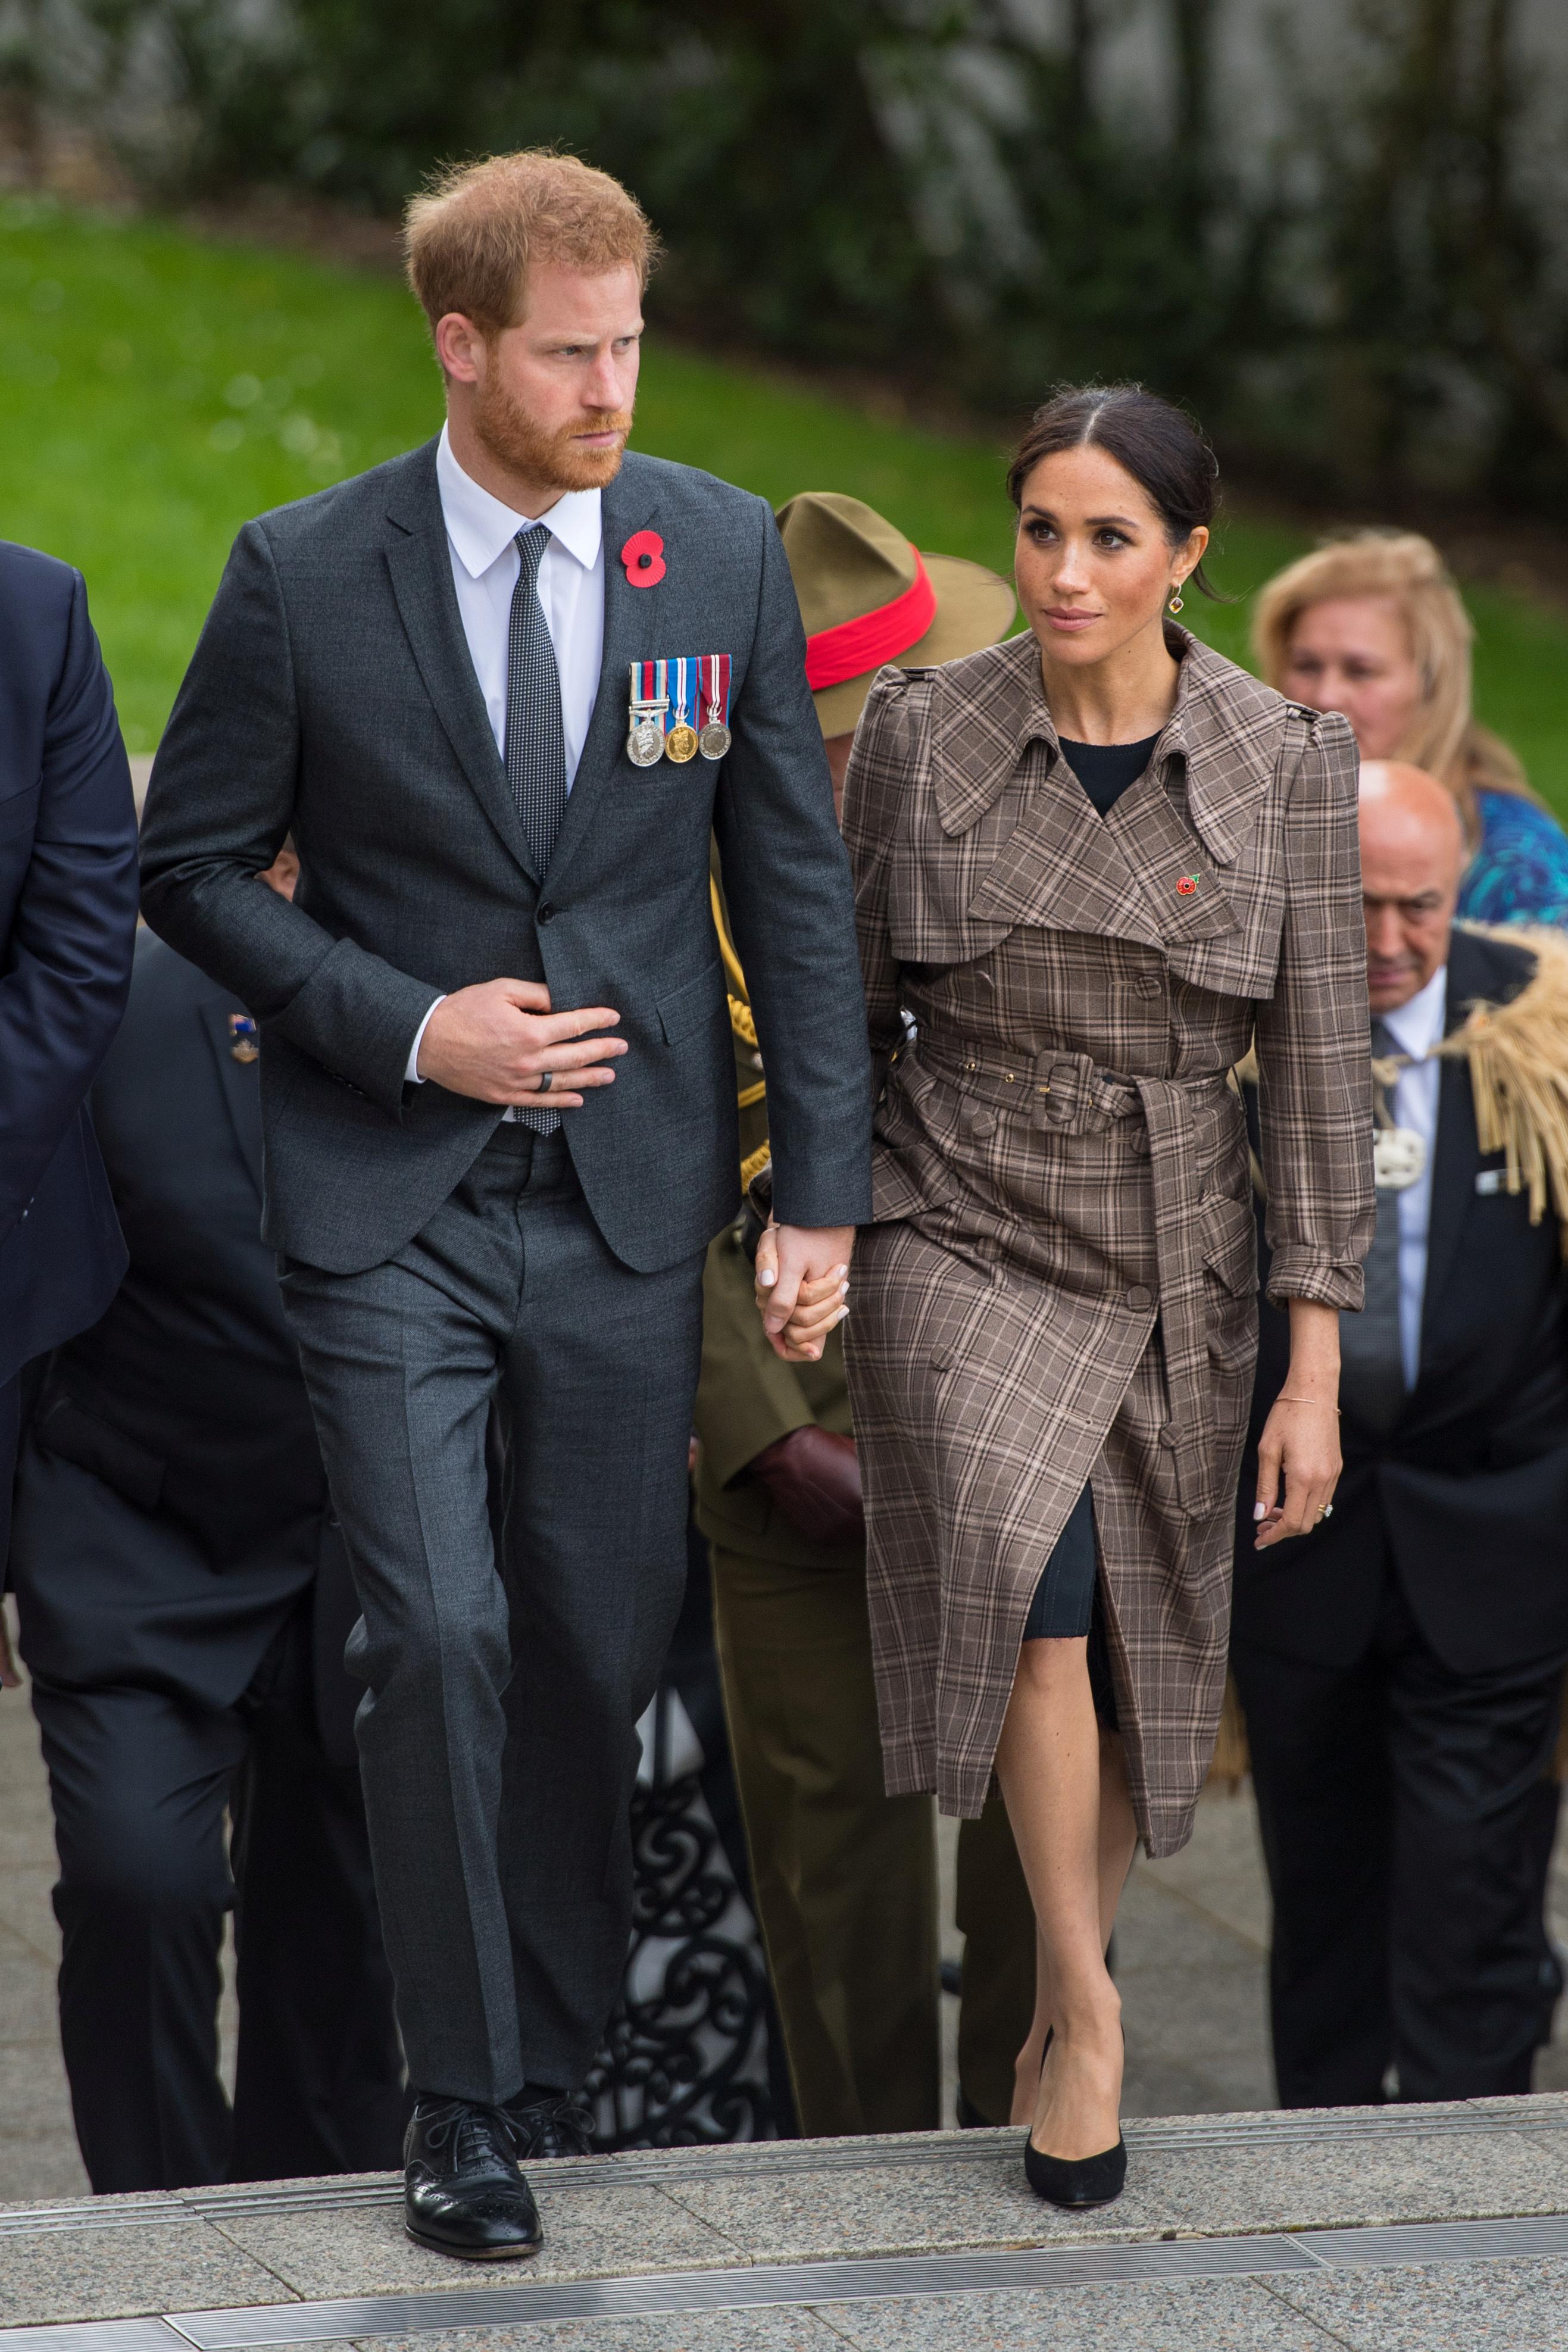 Meghan poznała domową OBSESJĘ księcia Harry'ego! Ciężko jest z tym żyć